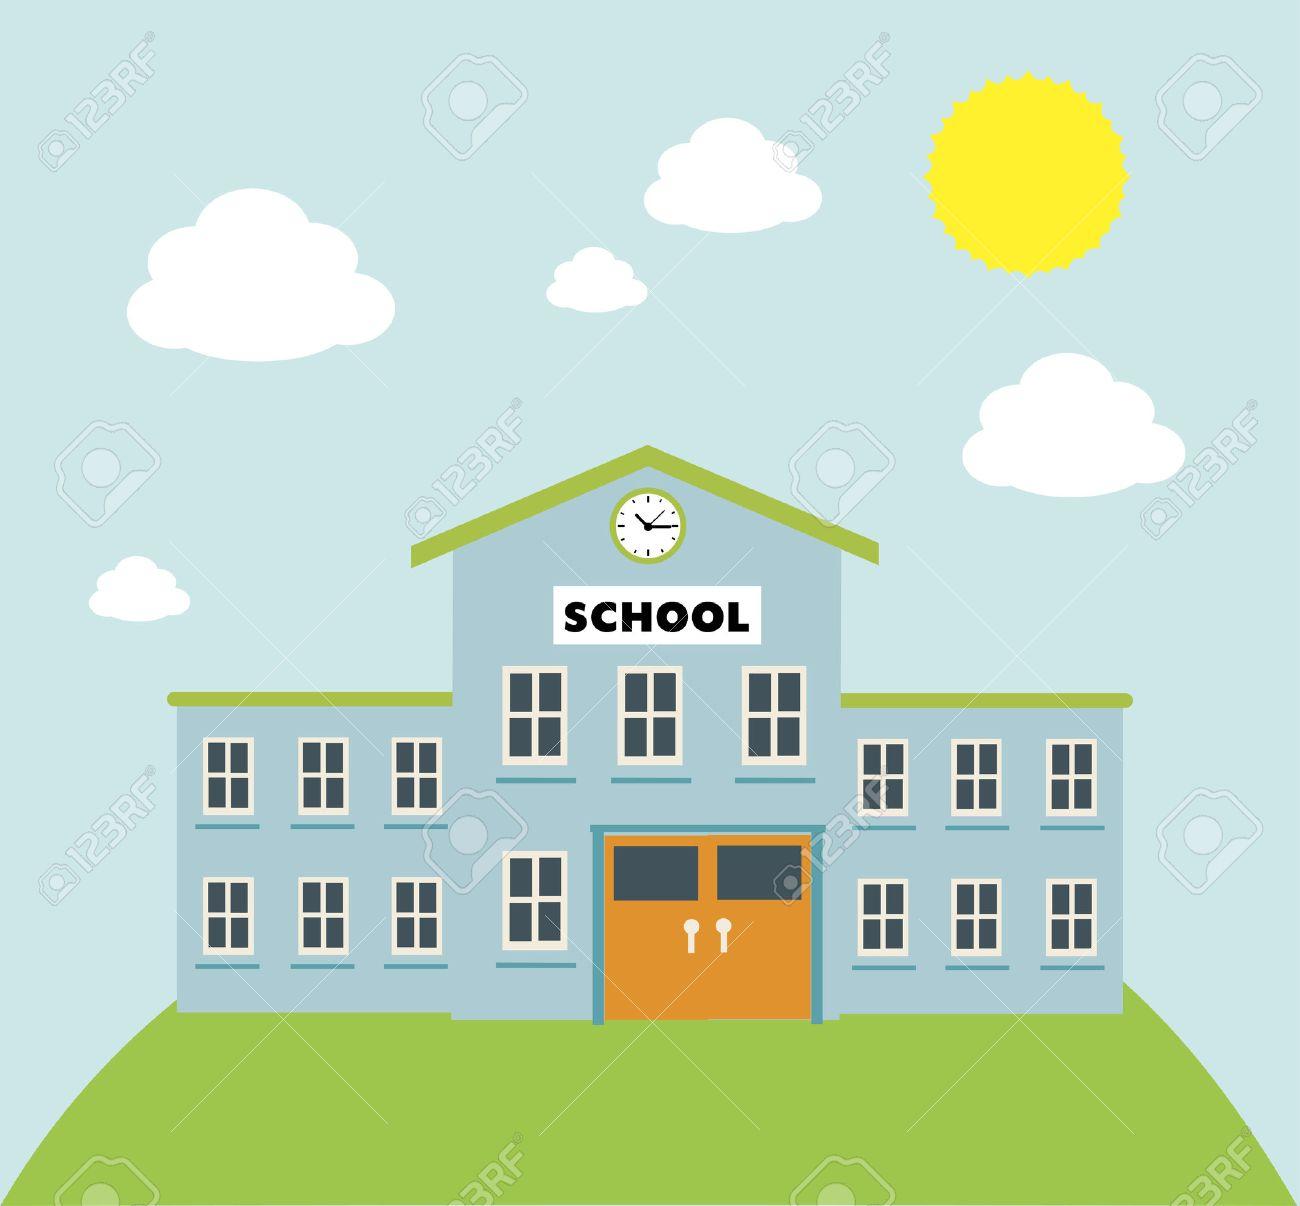 school build graphic over blue background vector illustration rh 123rf com school vector icon school vector icon